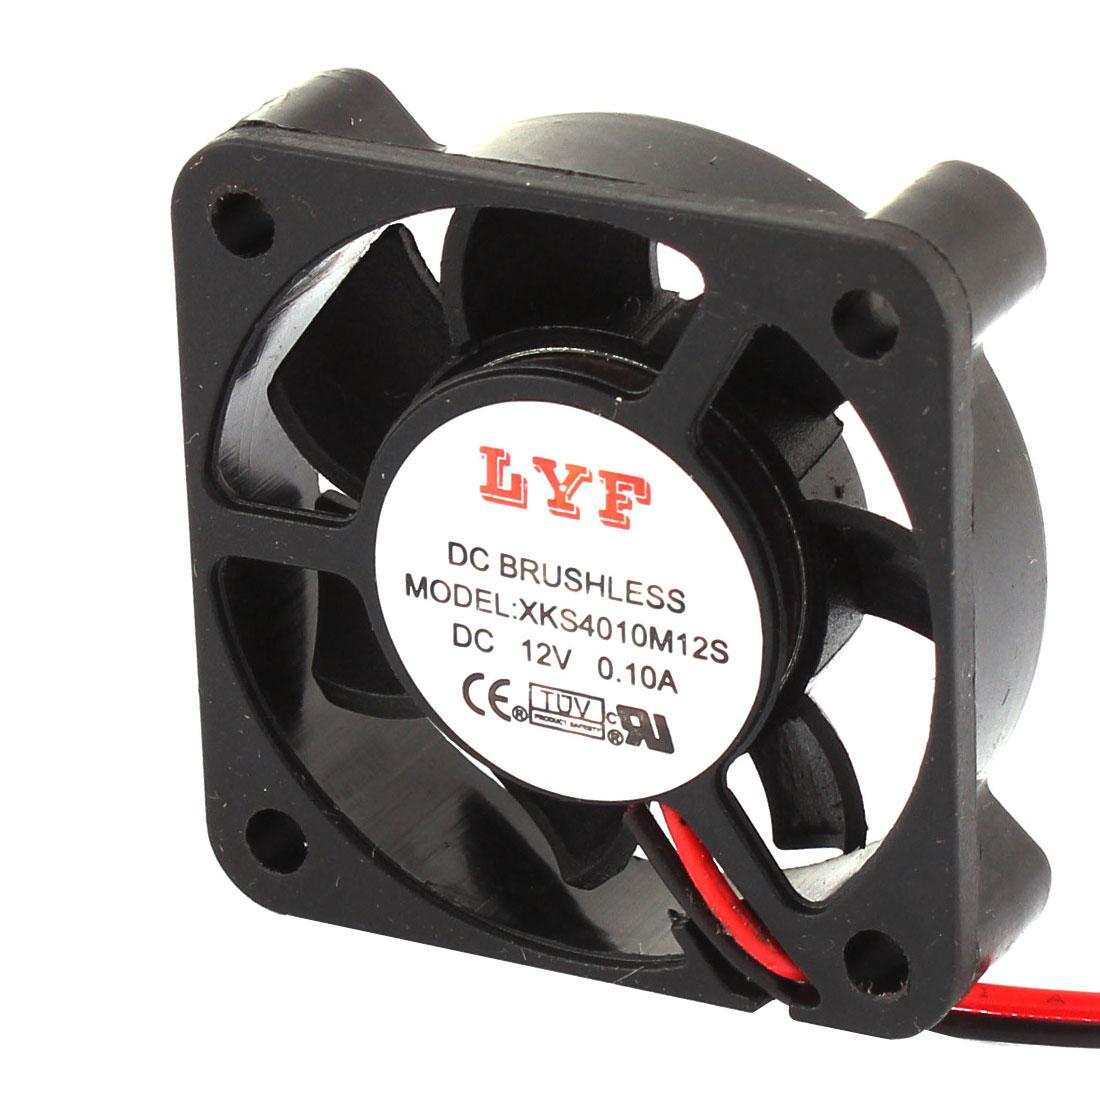 DC 12V 0.1A 4cm 40mm Brushless Computer Case Cooling Cooler Fan Black